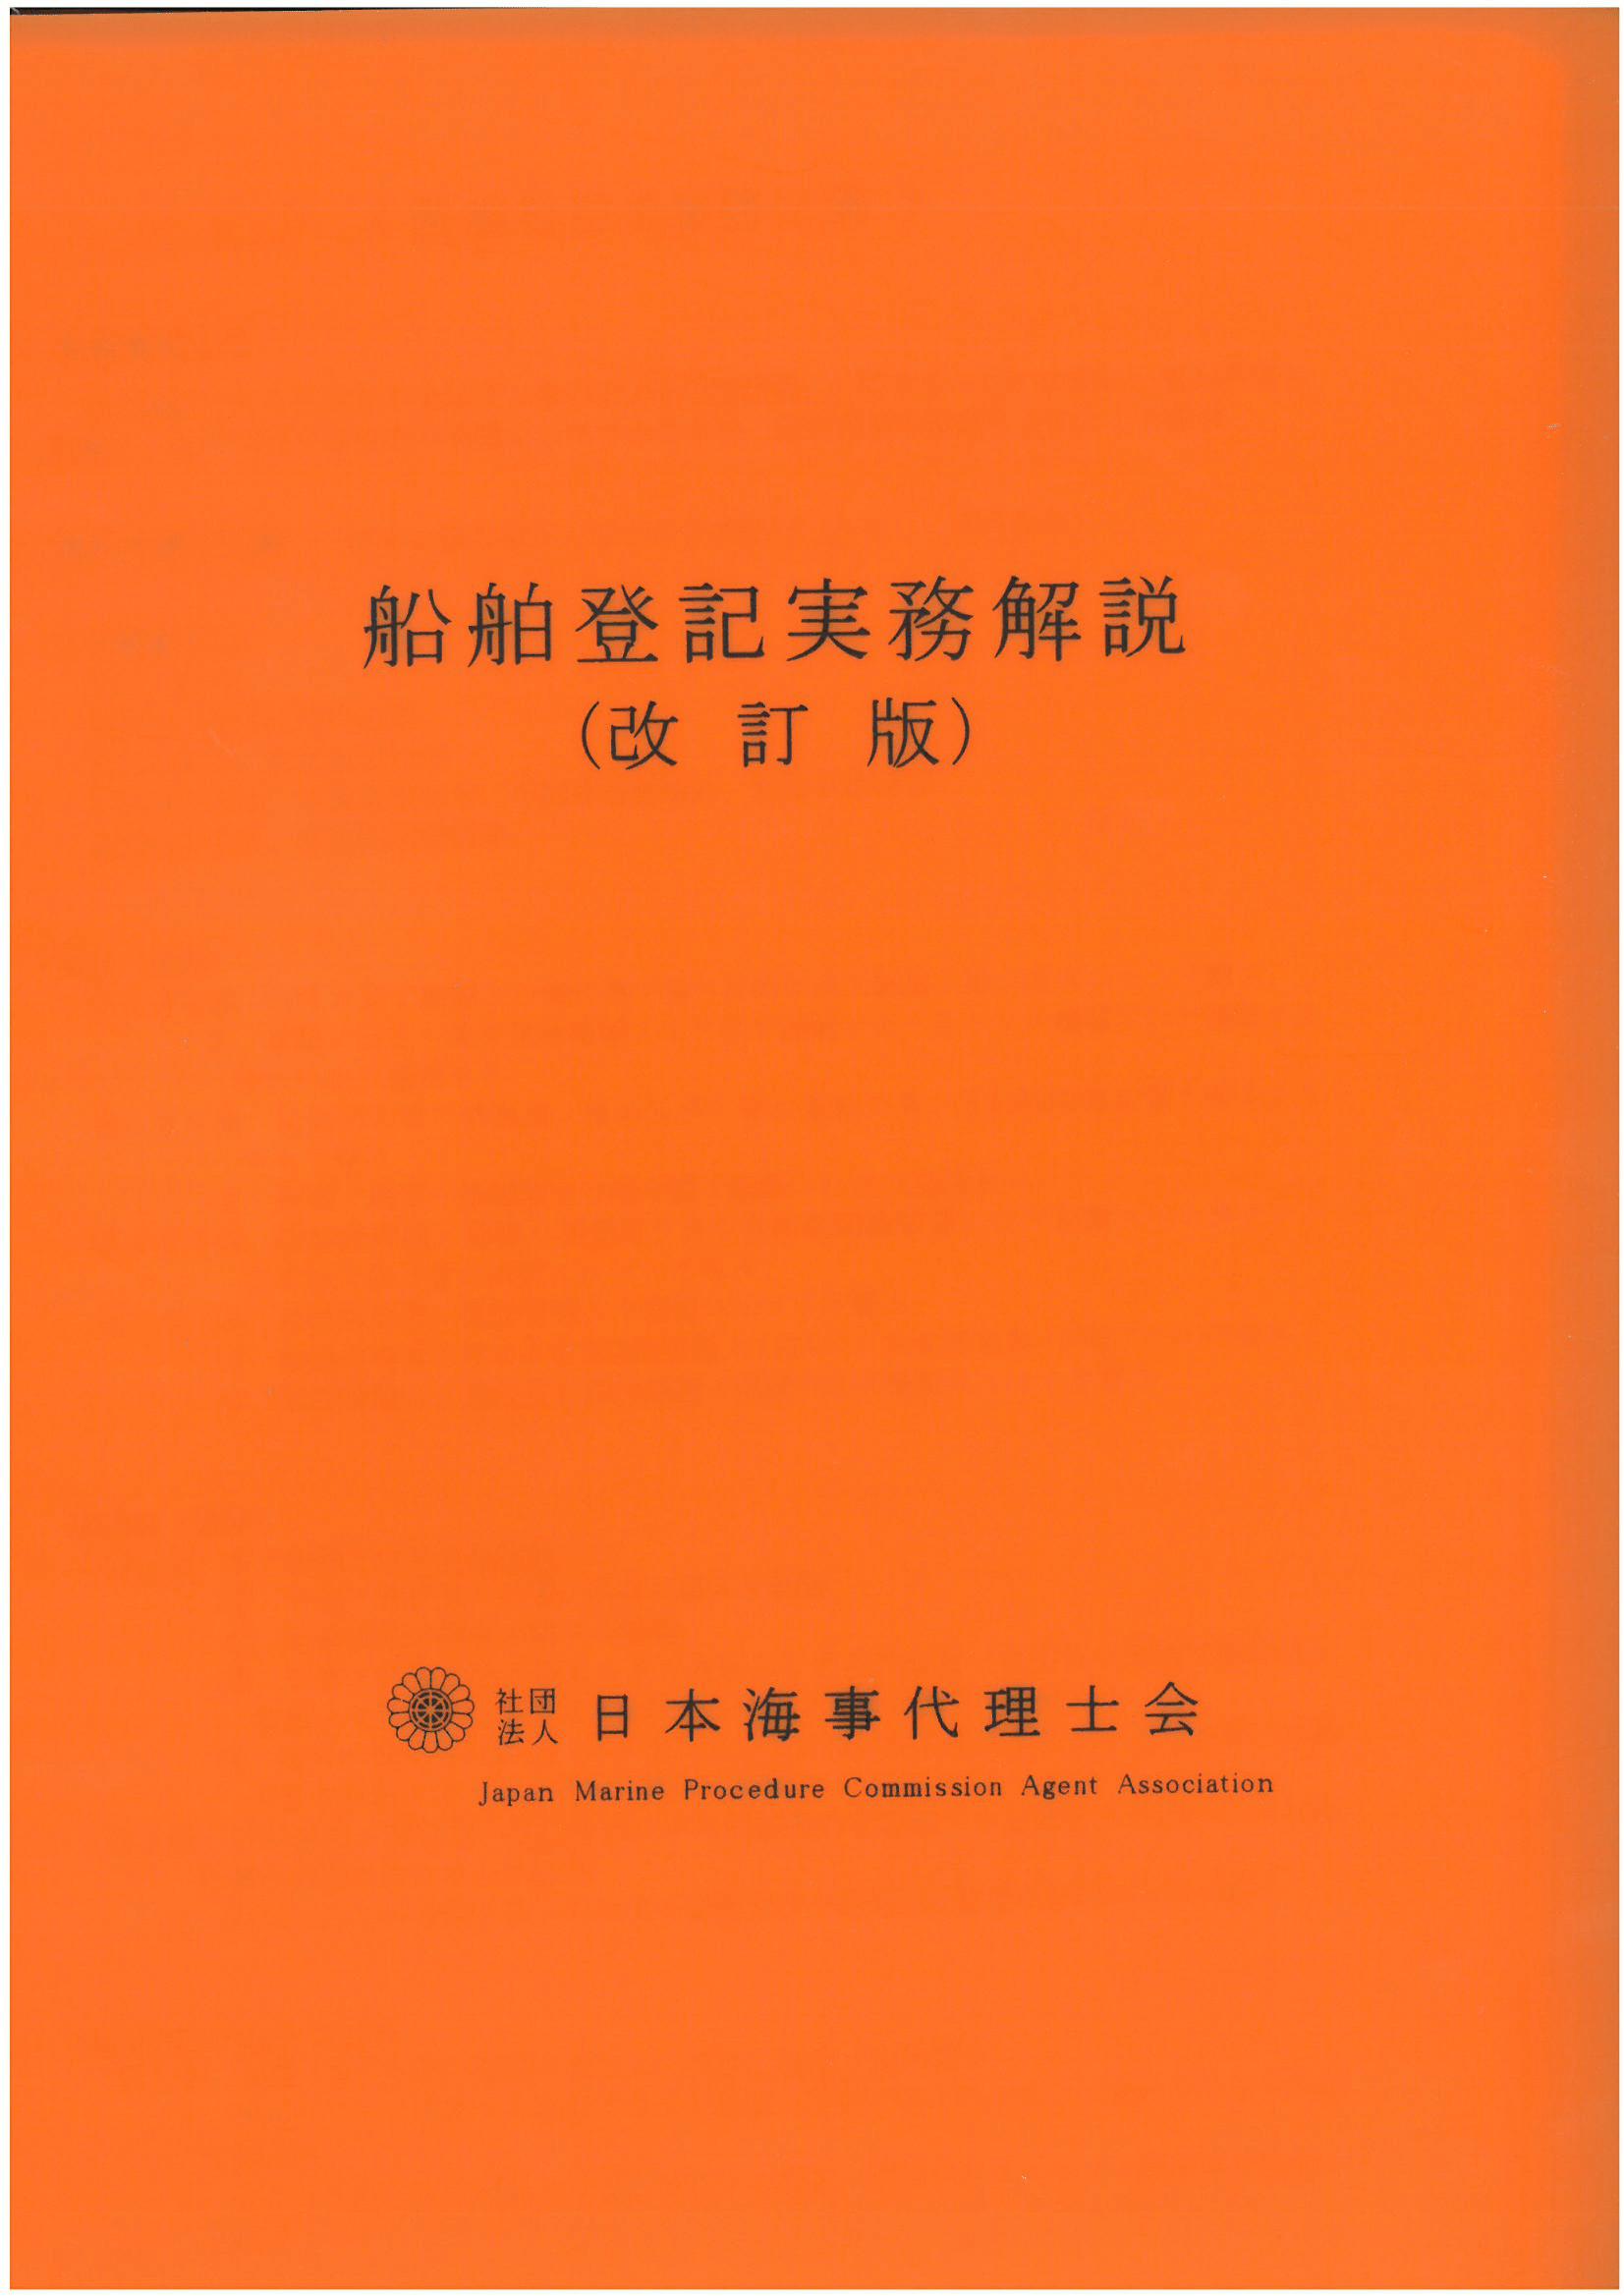 船舶登記実務解説(改訂版)(平成24年3月発行)